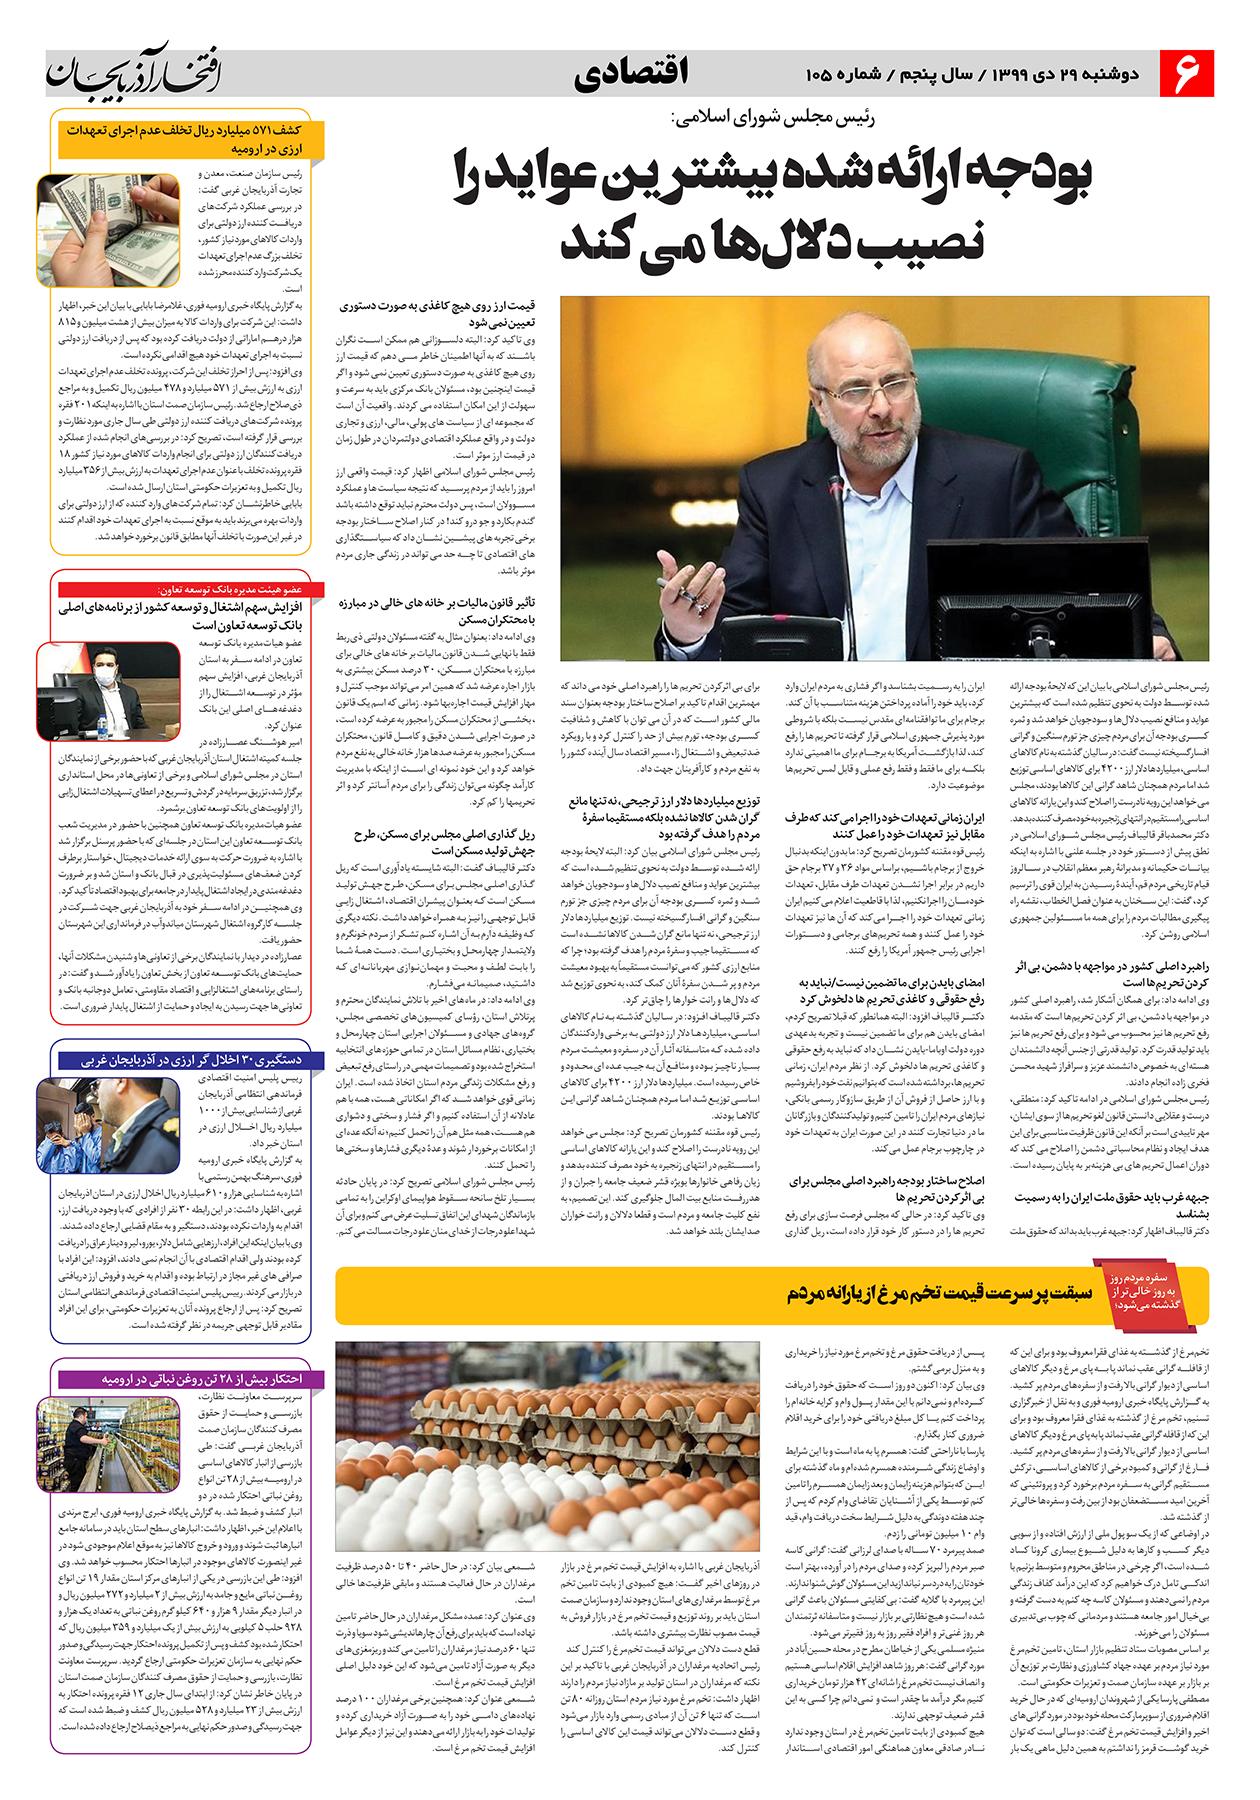 صفحه ششم هفته نامه افتخار آذربایجان شماره 105